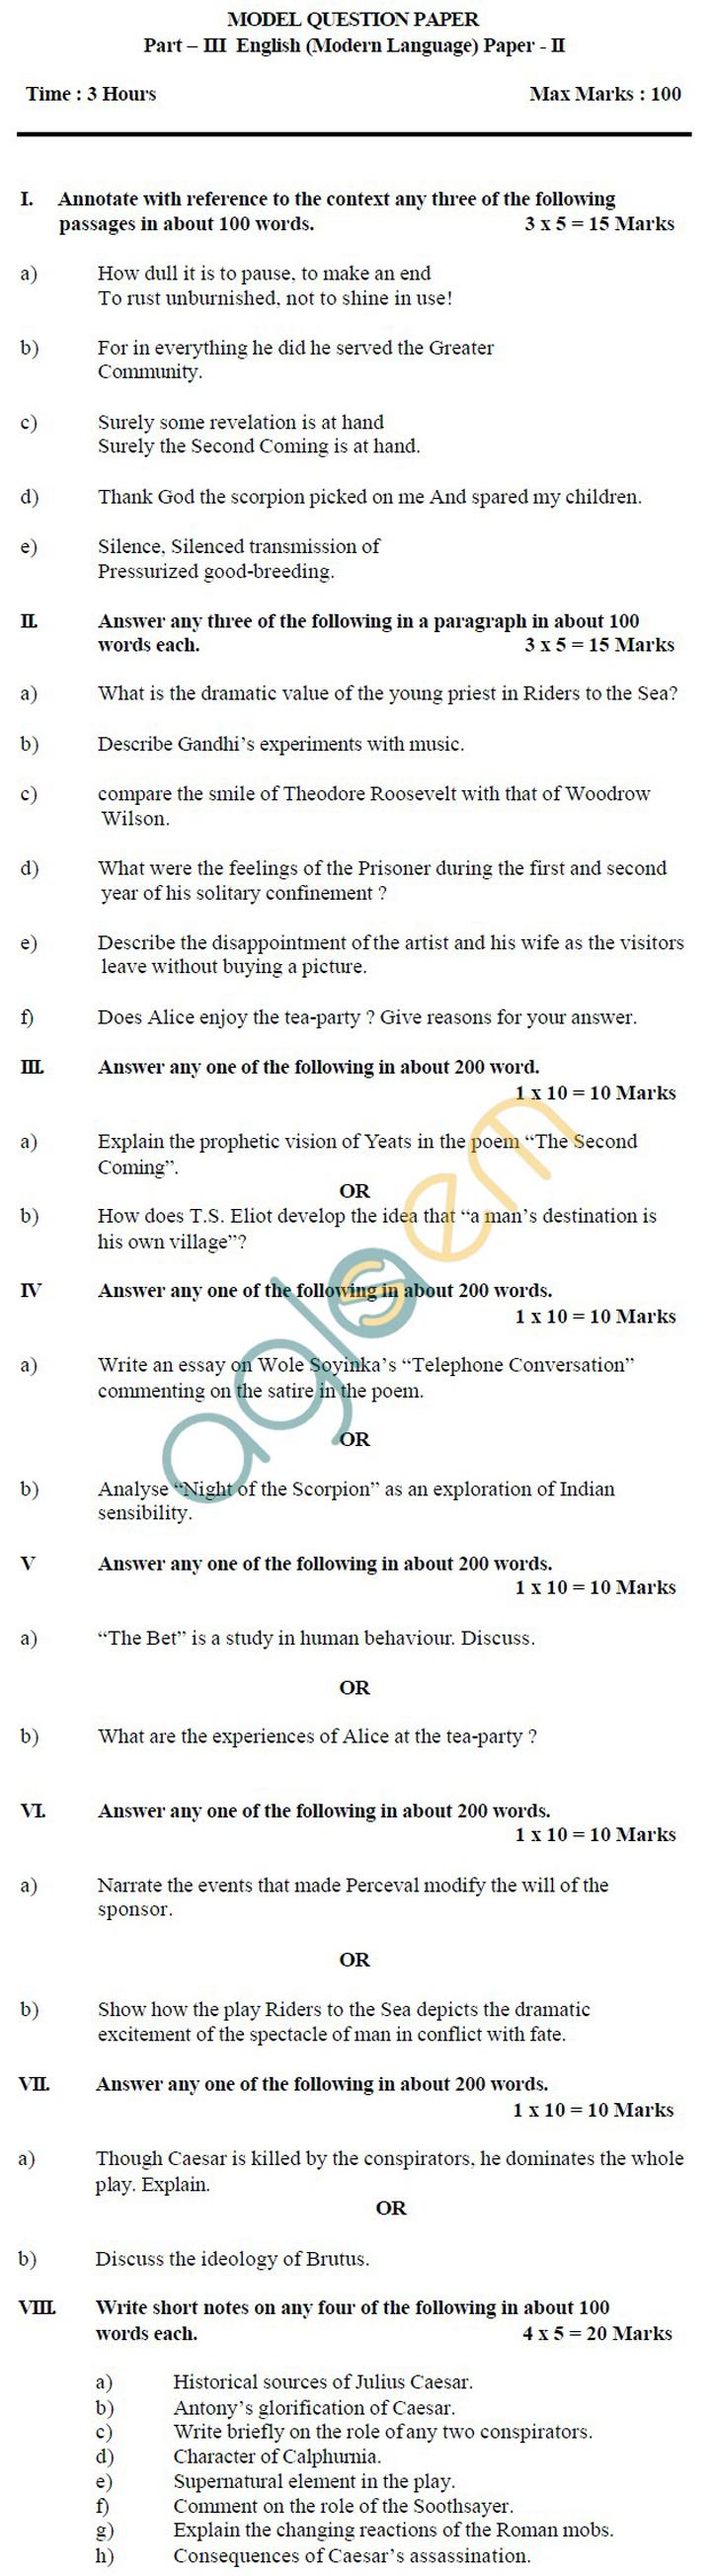 AP Board Intermediate II Year Eanglish Model Question Paper